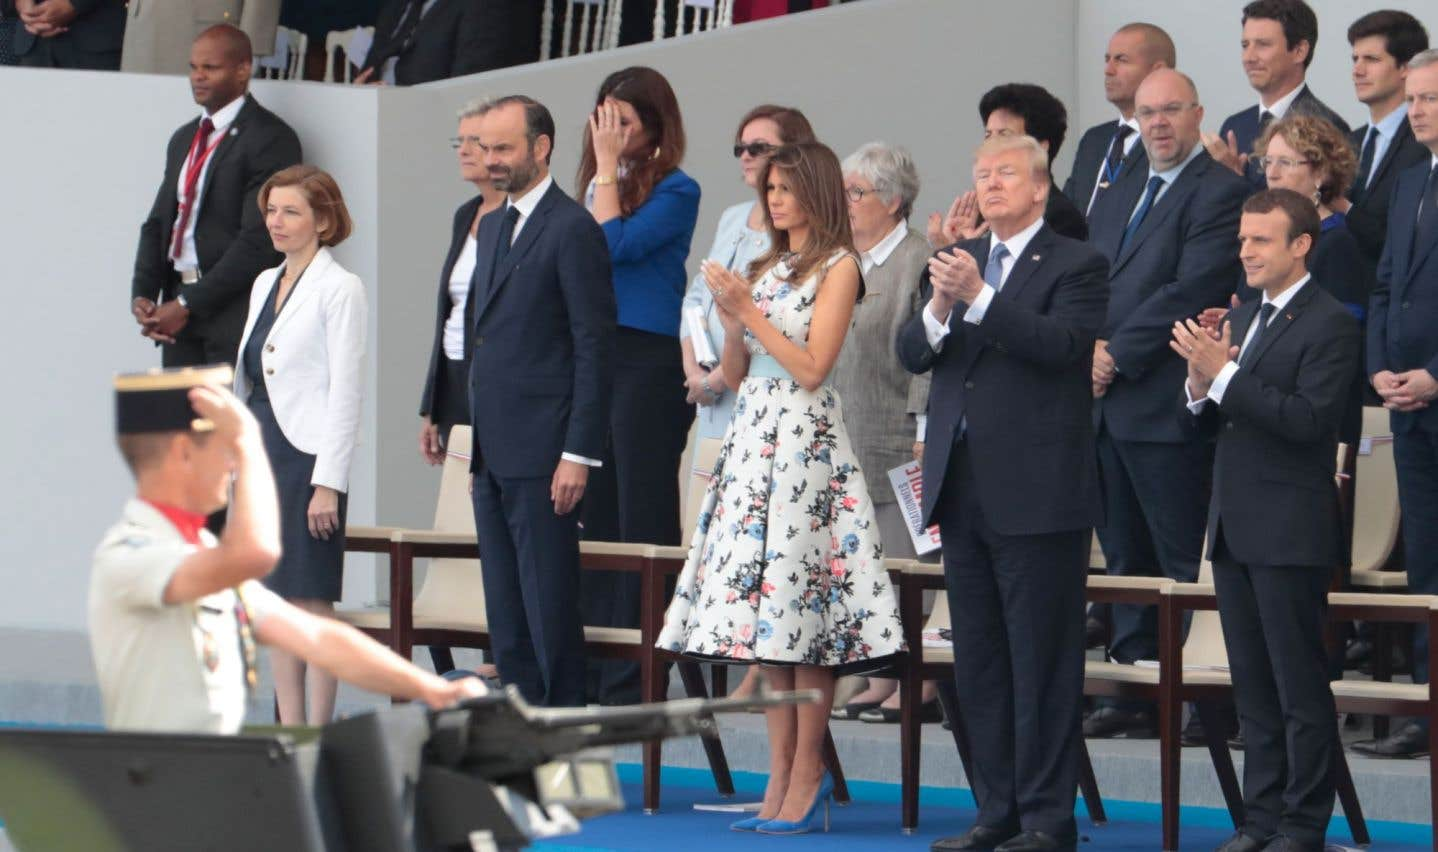 L'amitié entre la France et les États-Unis saluée